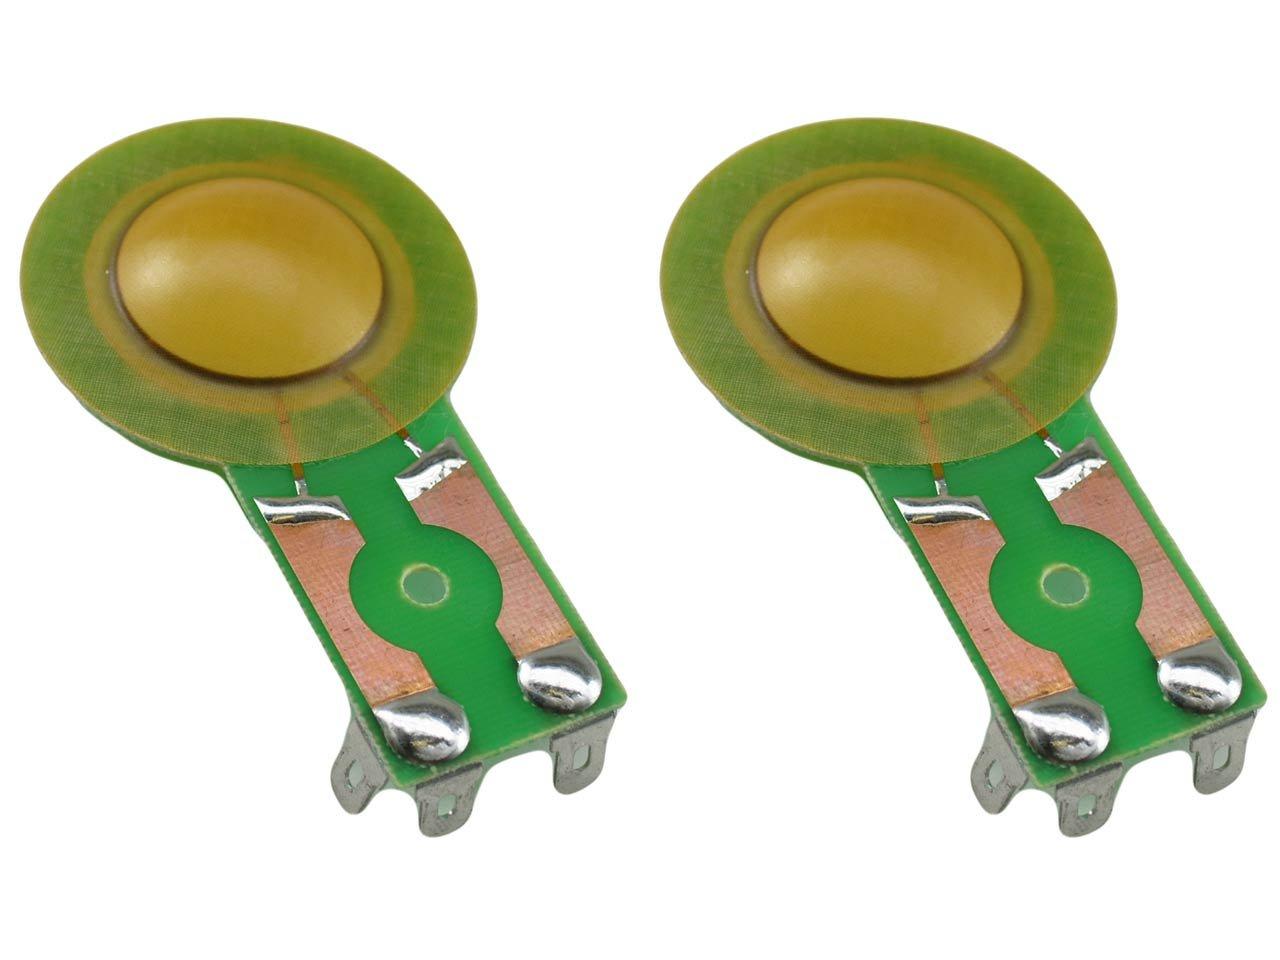 SSオーディオダイヤフラム2 - Pack for Cerwin Vegaスピーカーホーンh25、h025、n30、h027、v15、v30、v43、SW - 12、SM 15、pd18、およびその他多数   B00E9ZZAZC